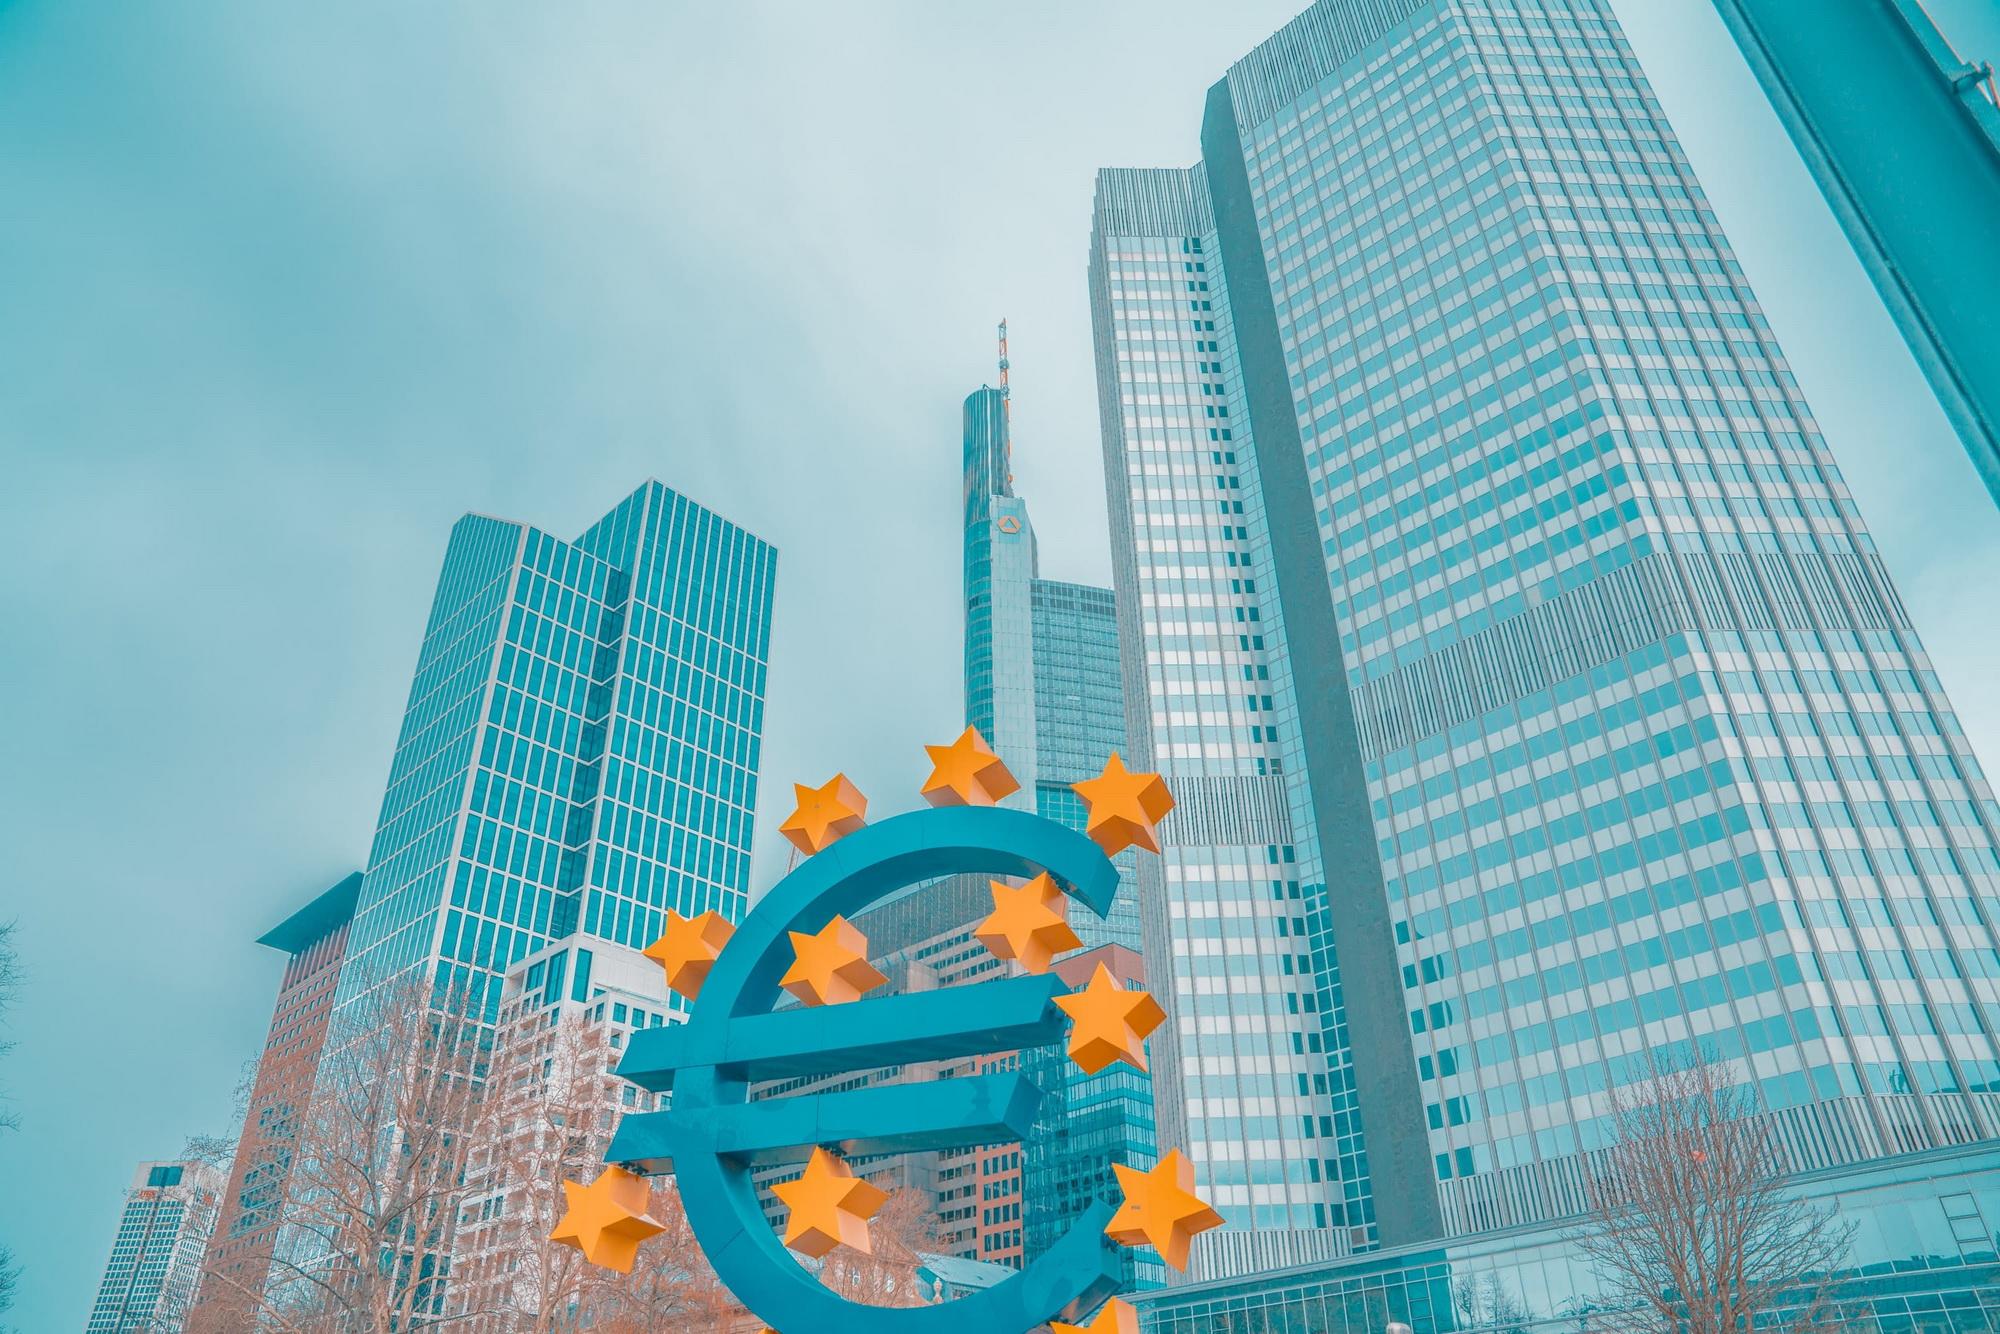 چرا سرمایه گذاری در اروپا سودآور است؟